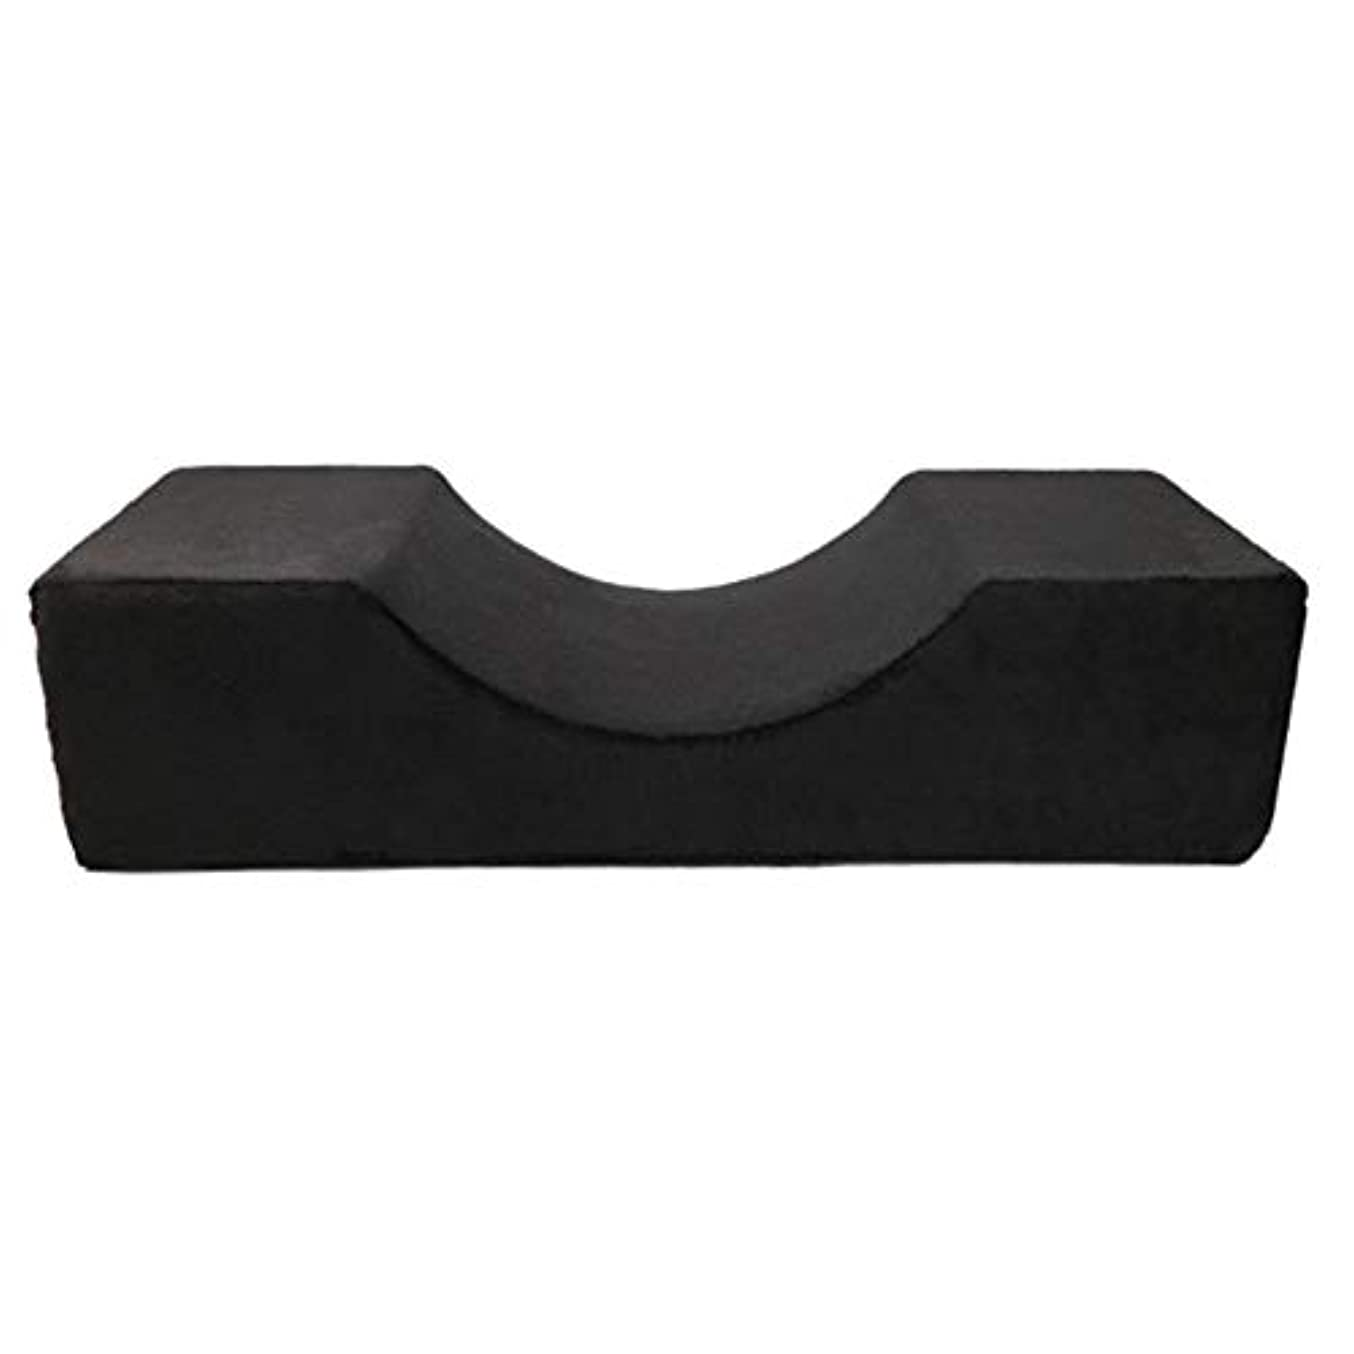 ロードハウスナインへ請求Blulux まつげ移植美容枕PUレザー防水まつげ枕移植まつげ枕(opp袋)